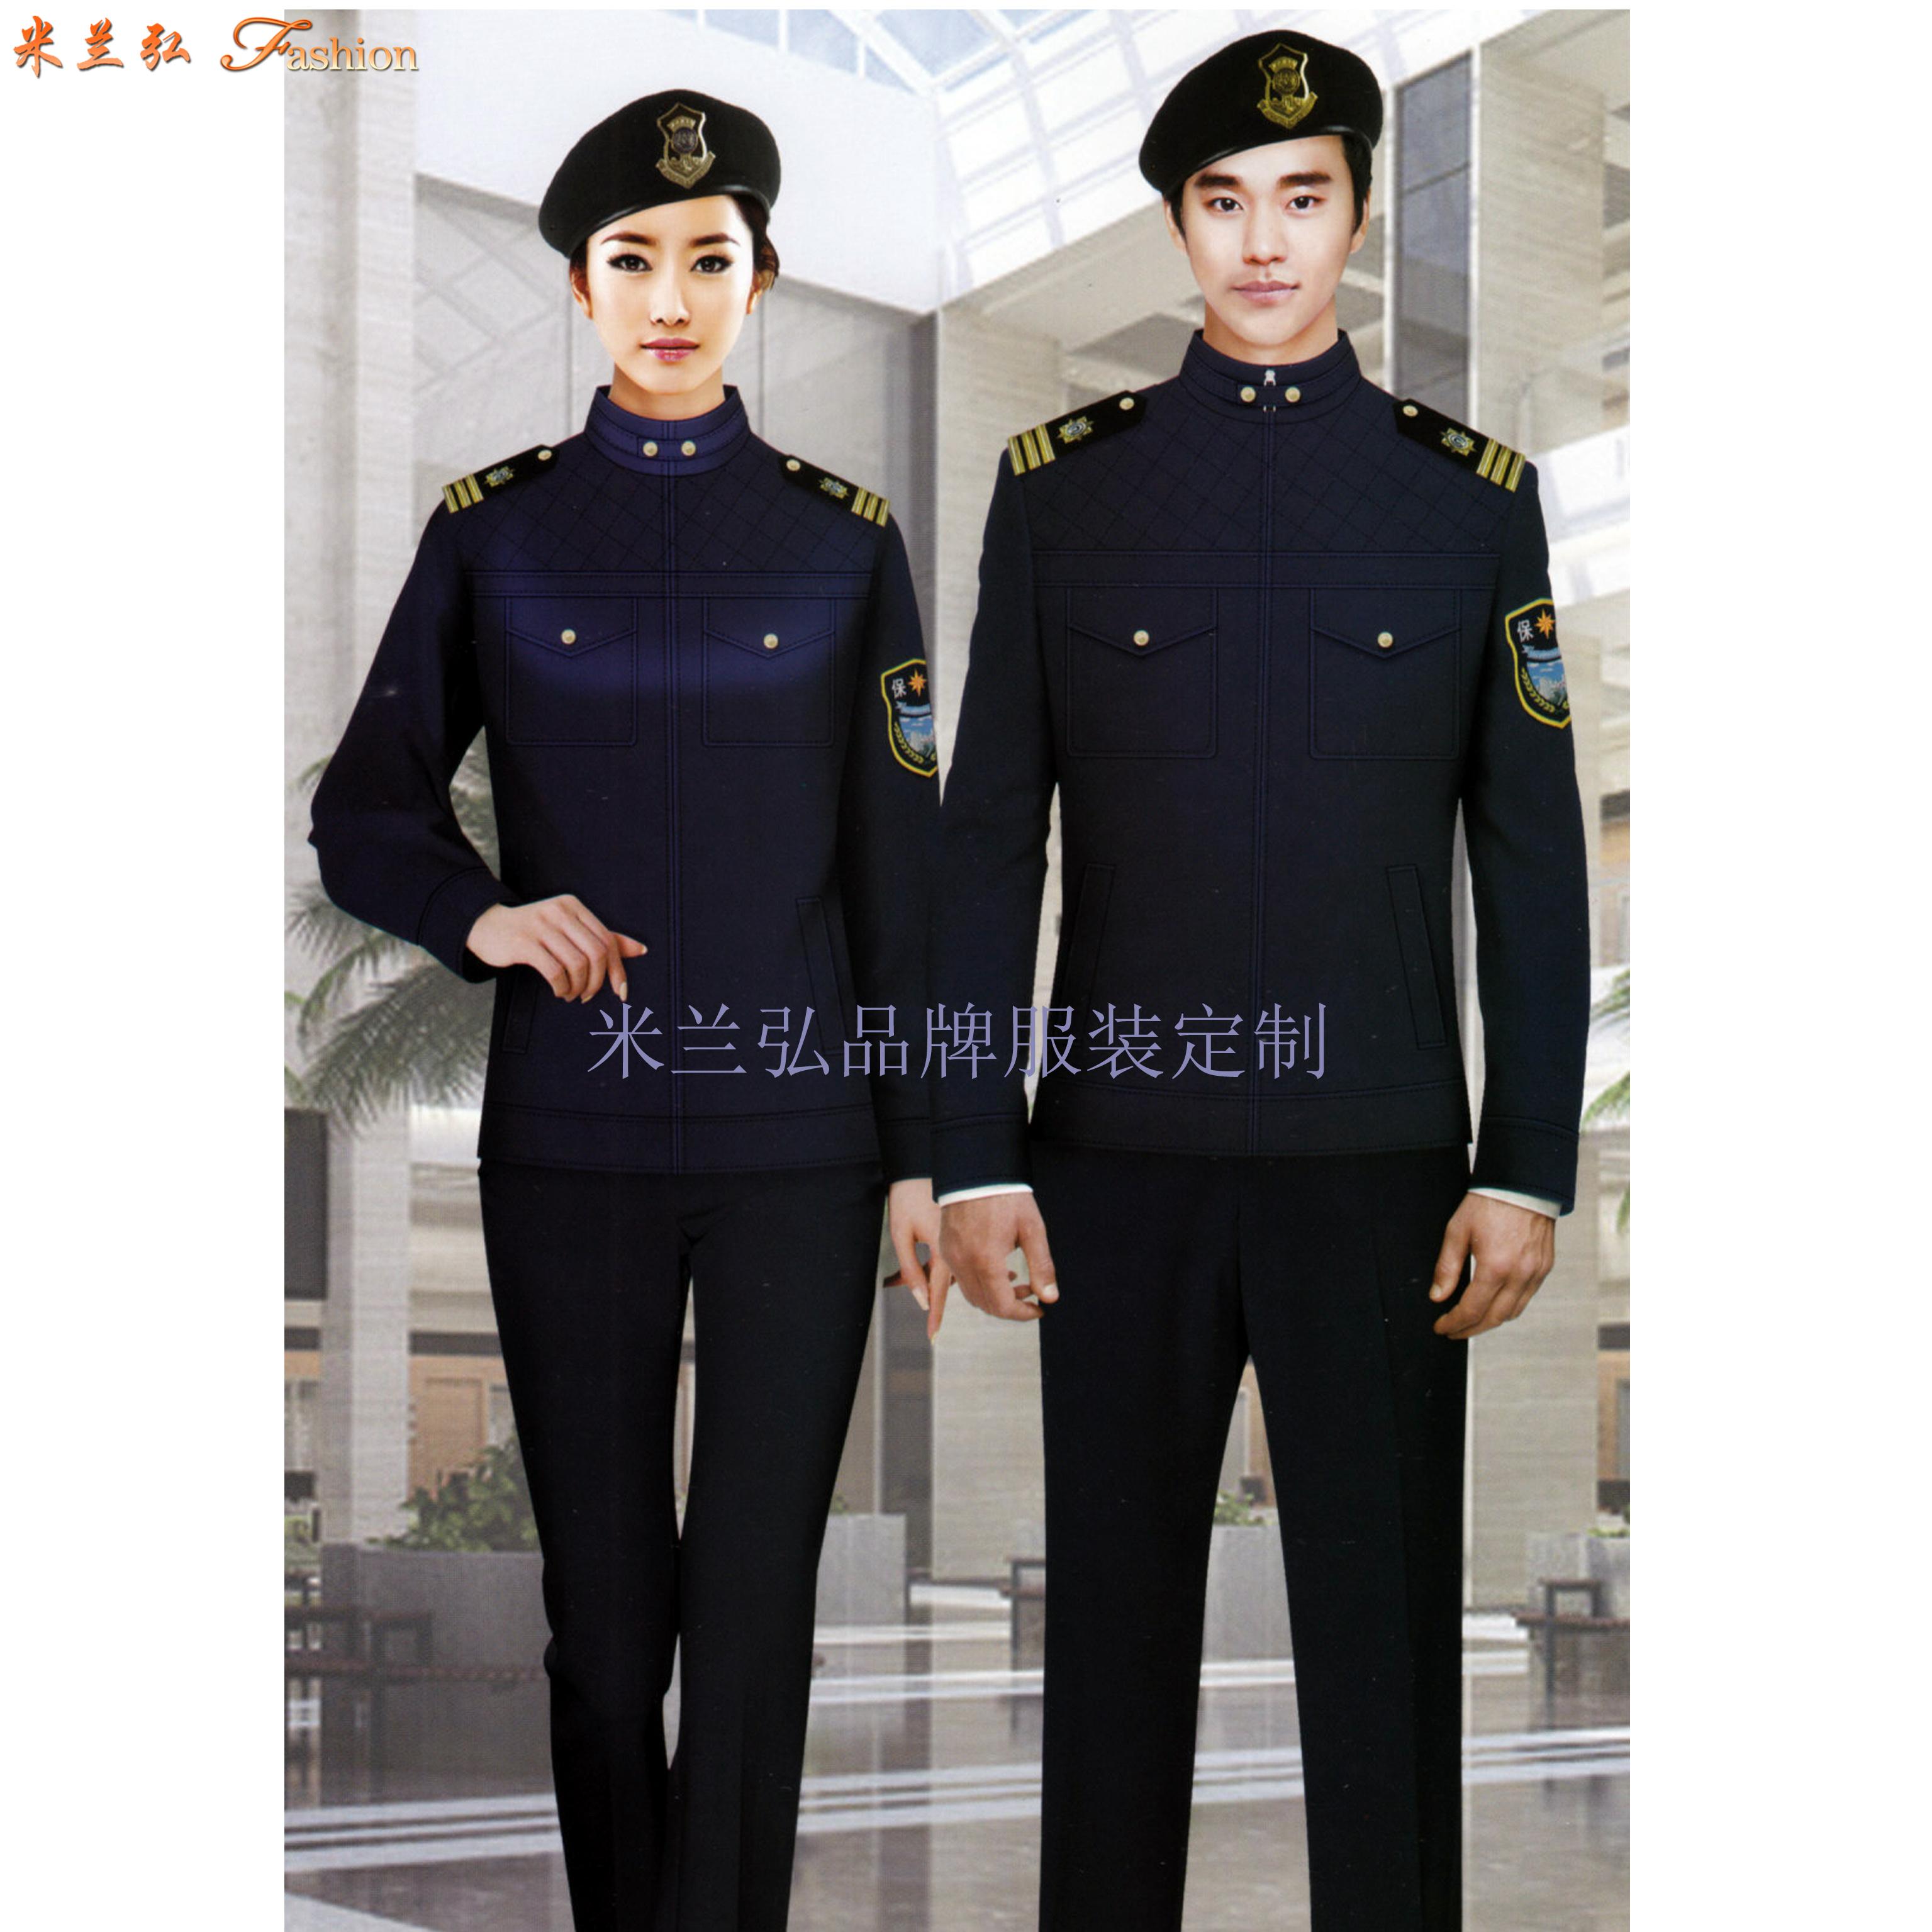 保安服定做廠家 米蘭弘新款價格低質量好的物業酒店安保制服-1